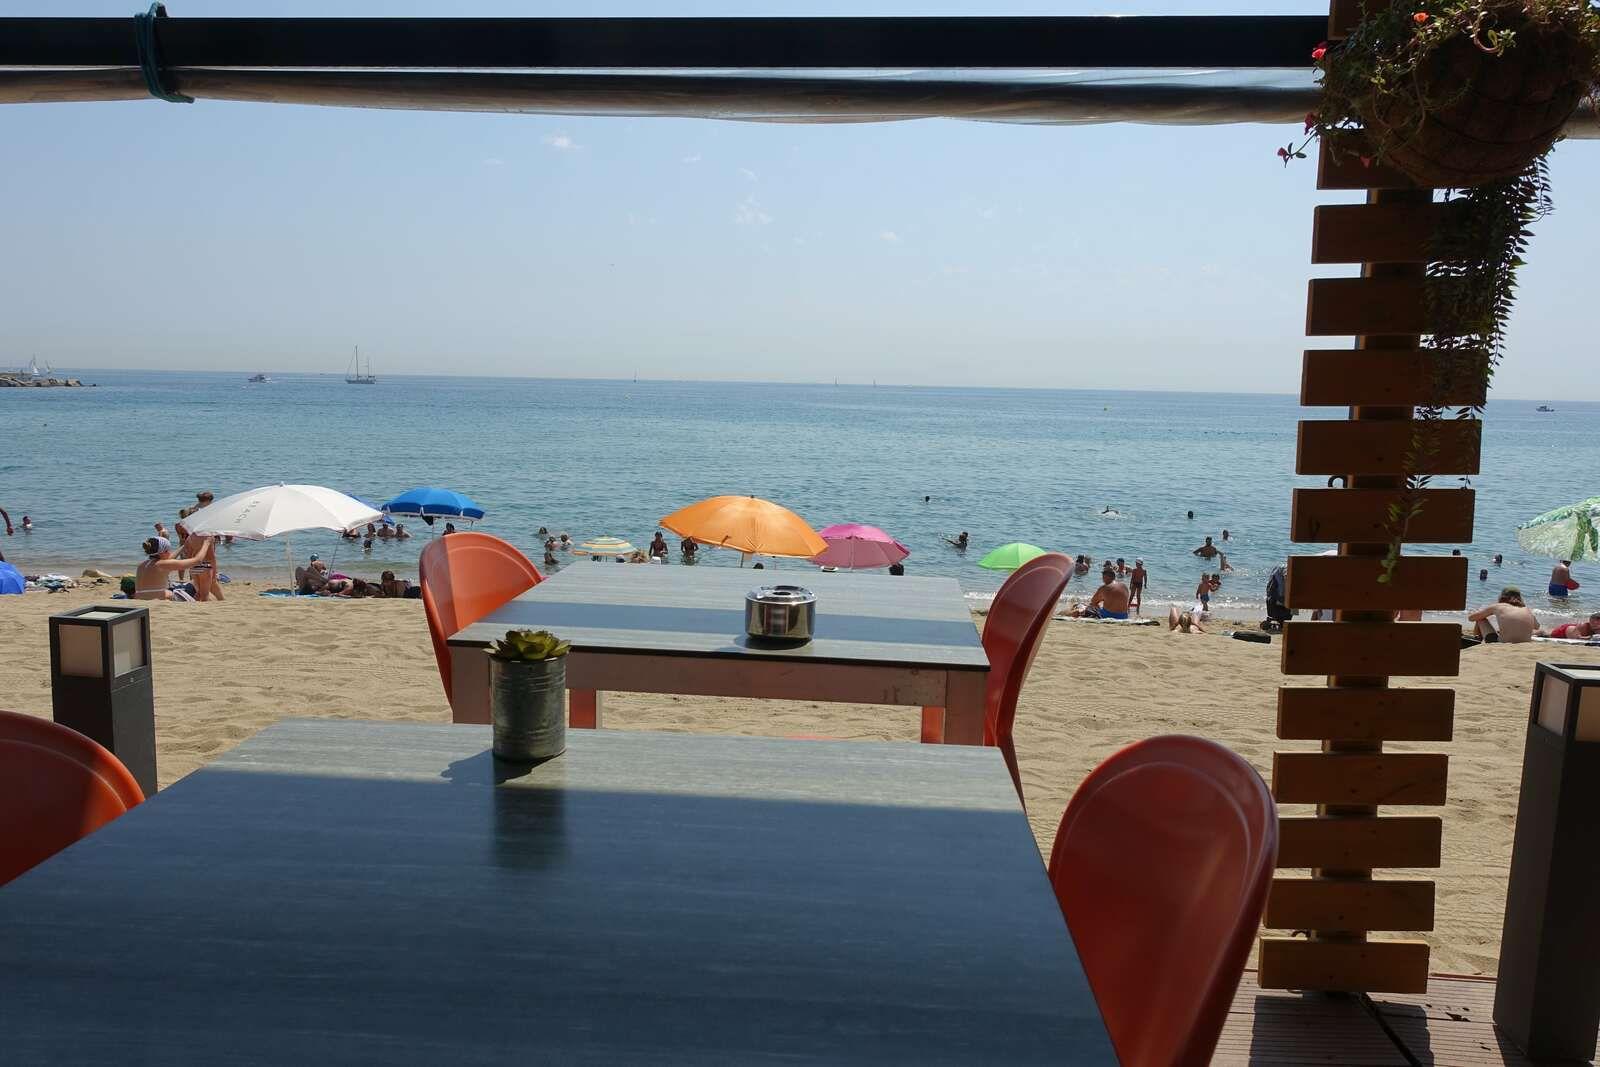 """Le"""" W Barcelona"""" hôtel avec son architecture en forme de voile L'oeuvre de l'architecte Ricardo Bofill"""